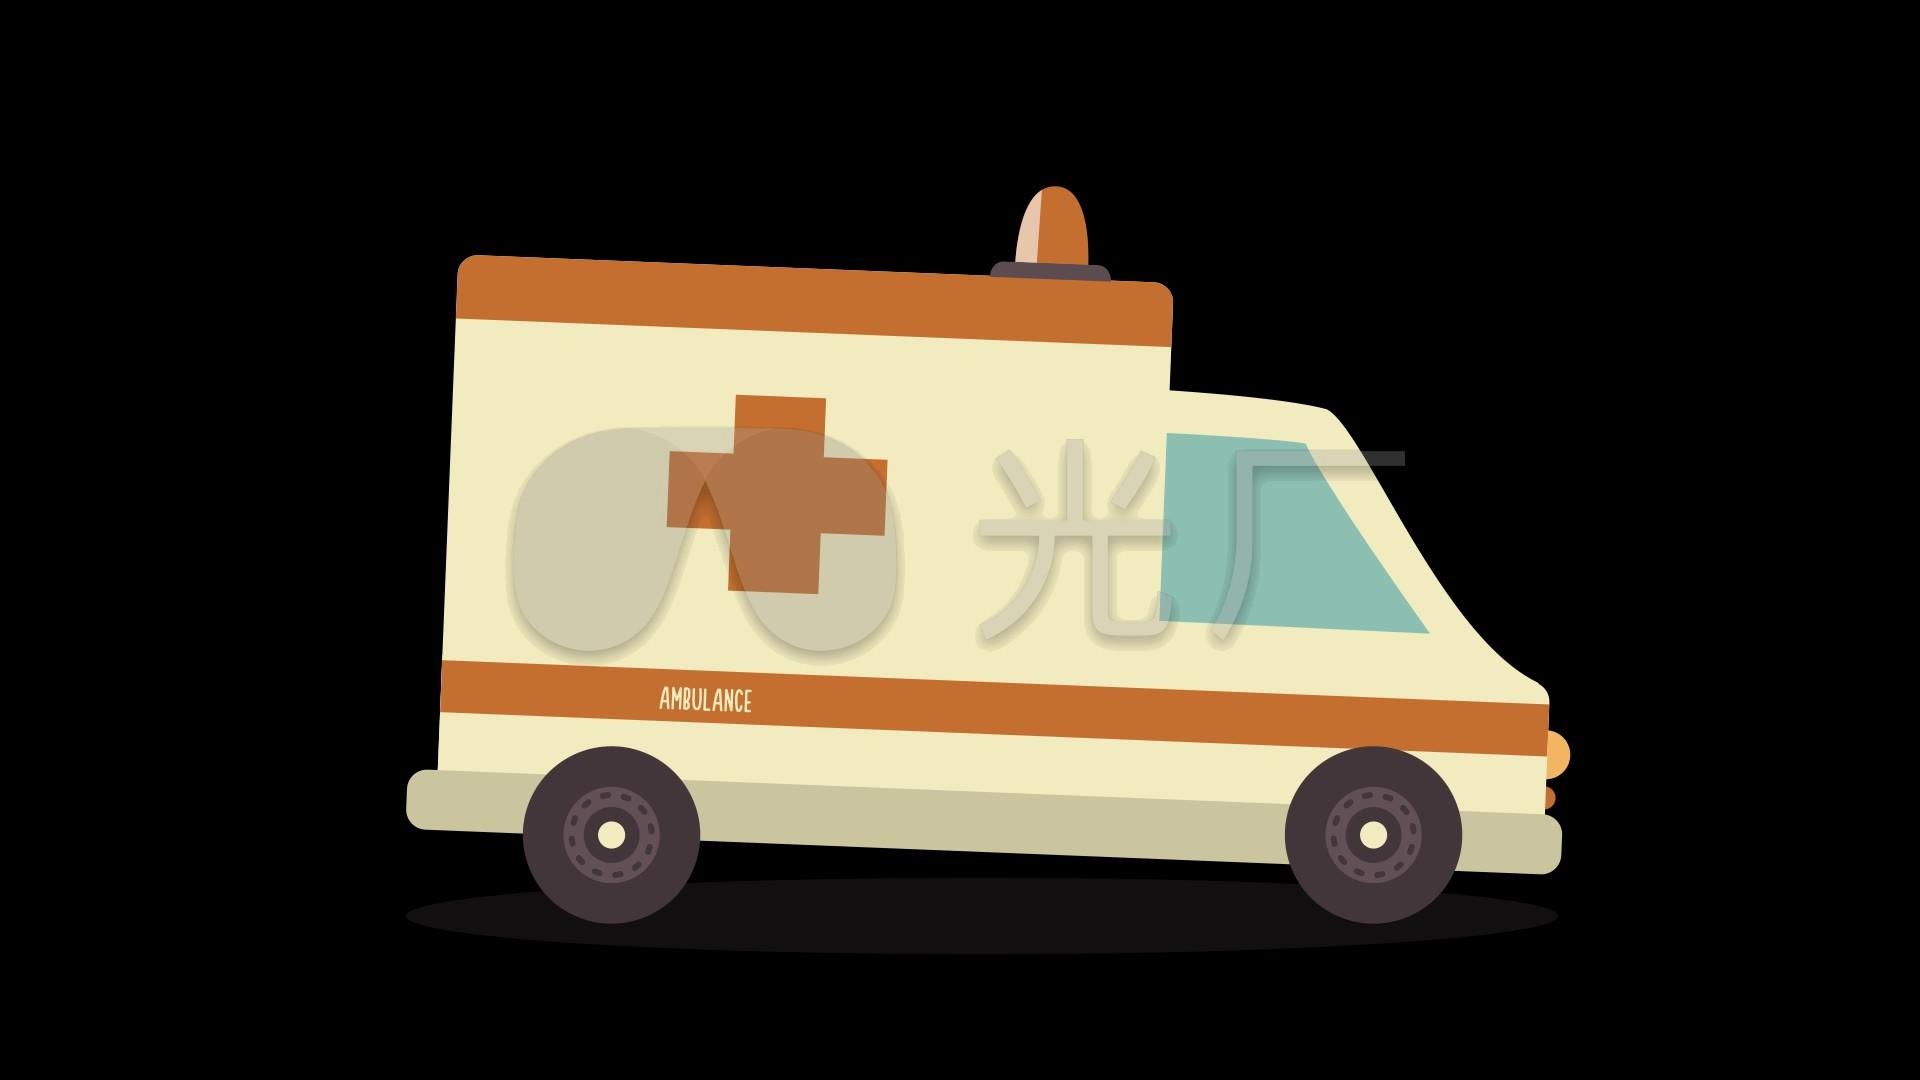 mg动画救护车_1920X1080_高清视频素材下载行政视频图片